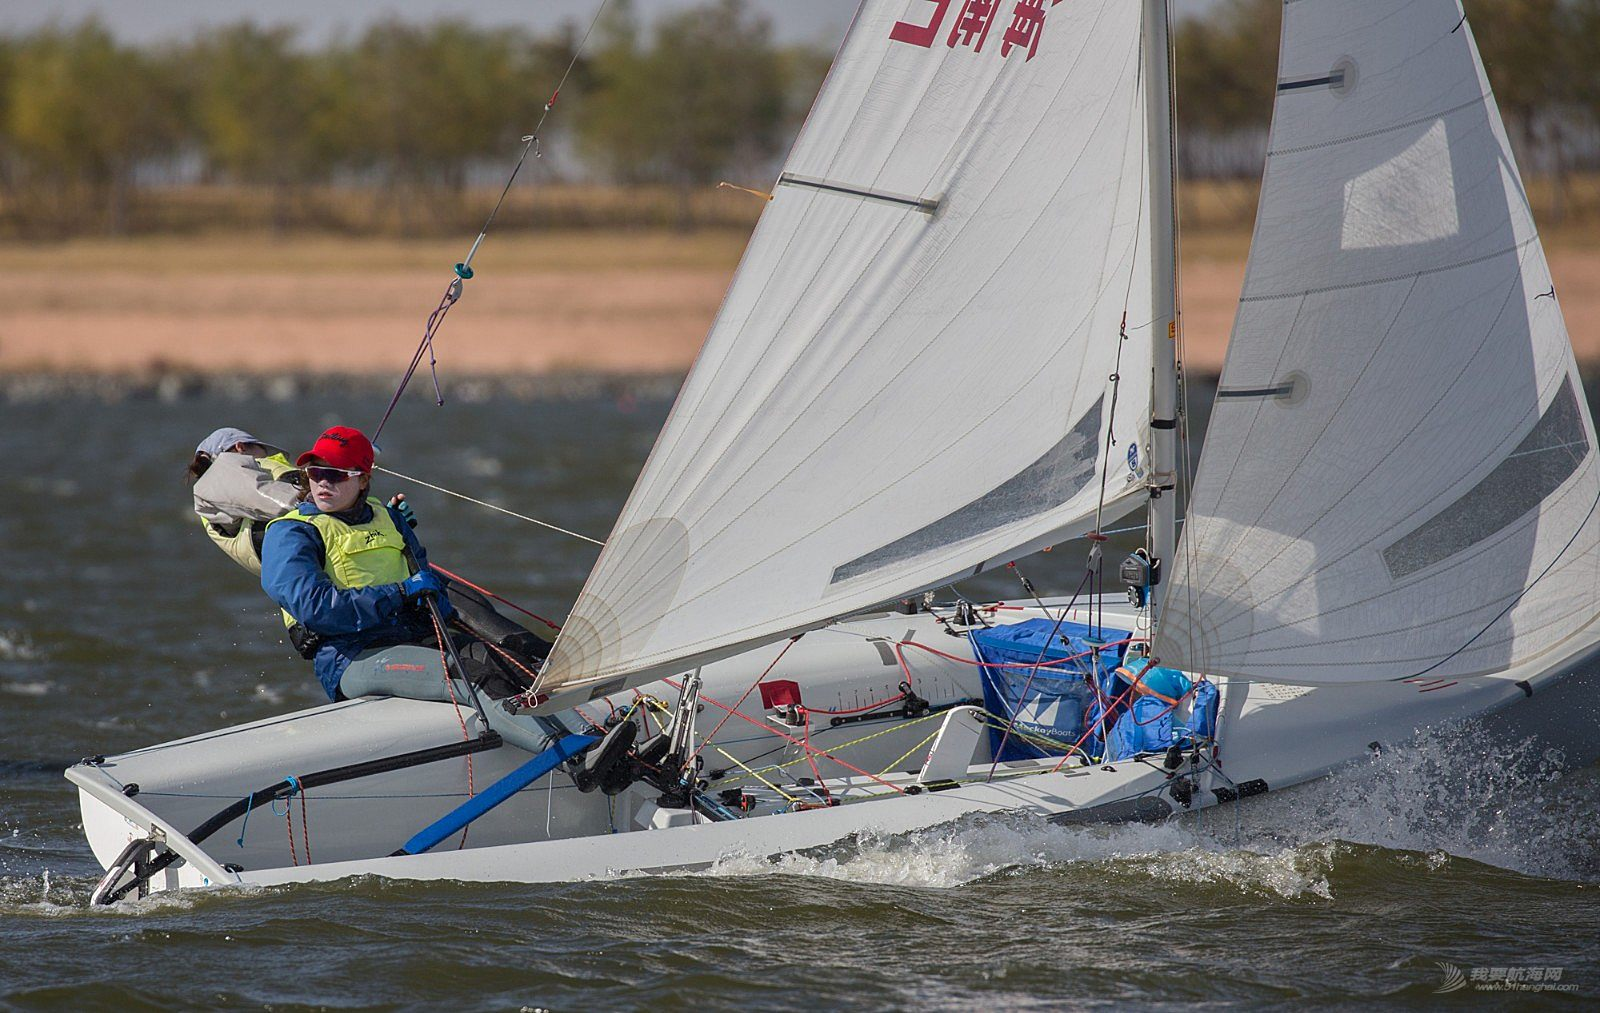 2018中国帆船联赛潍坊站26日国手赛事图片4